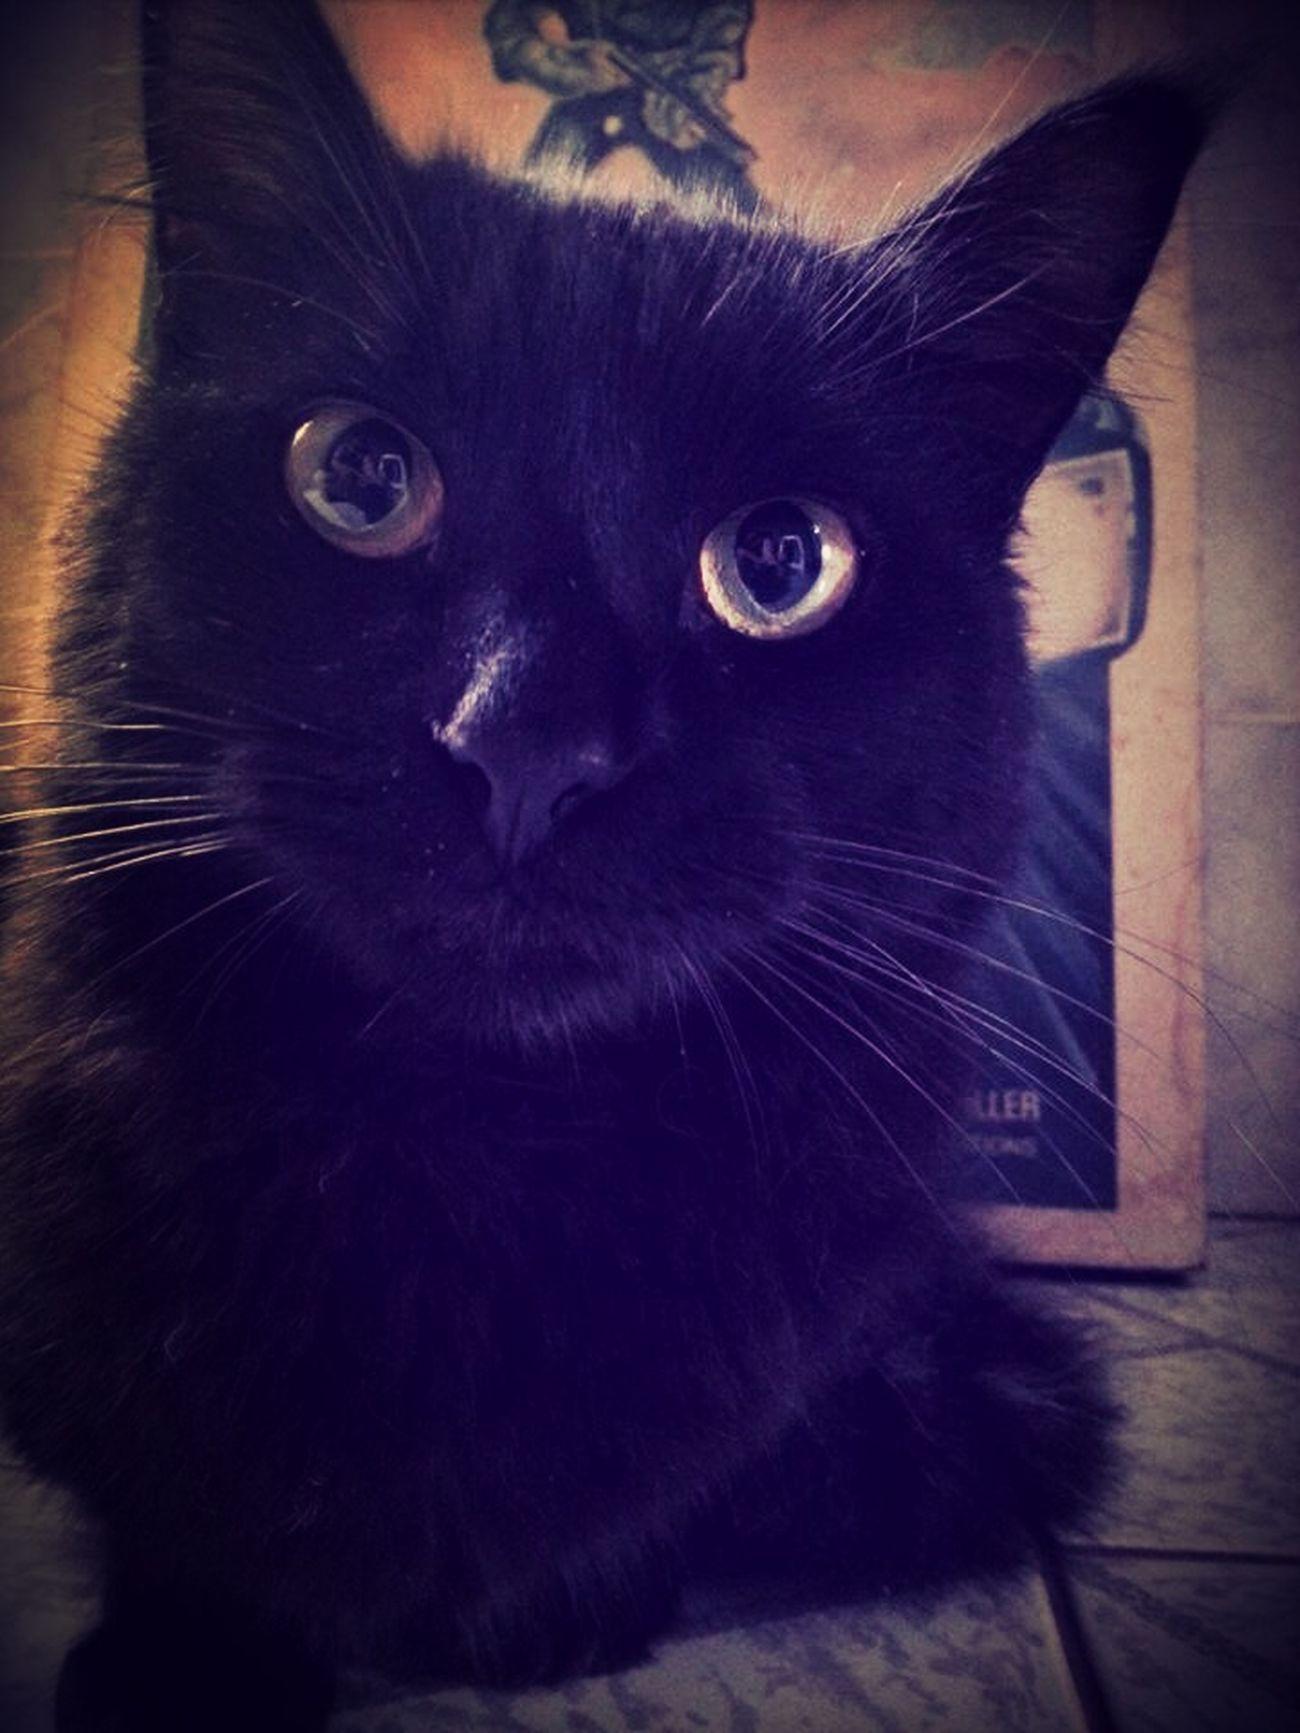 R.I.P. Rouquinho Cat